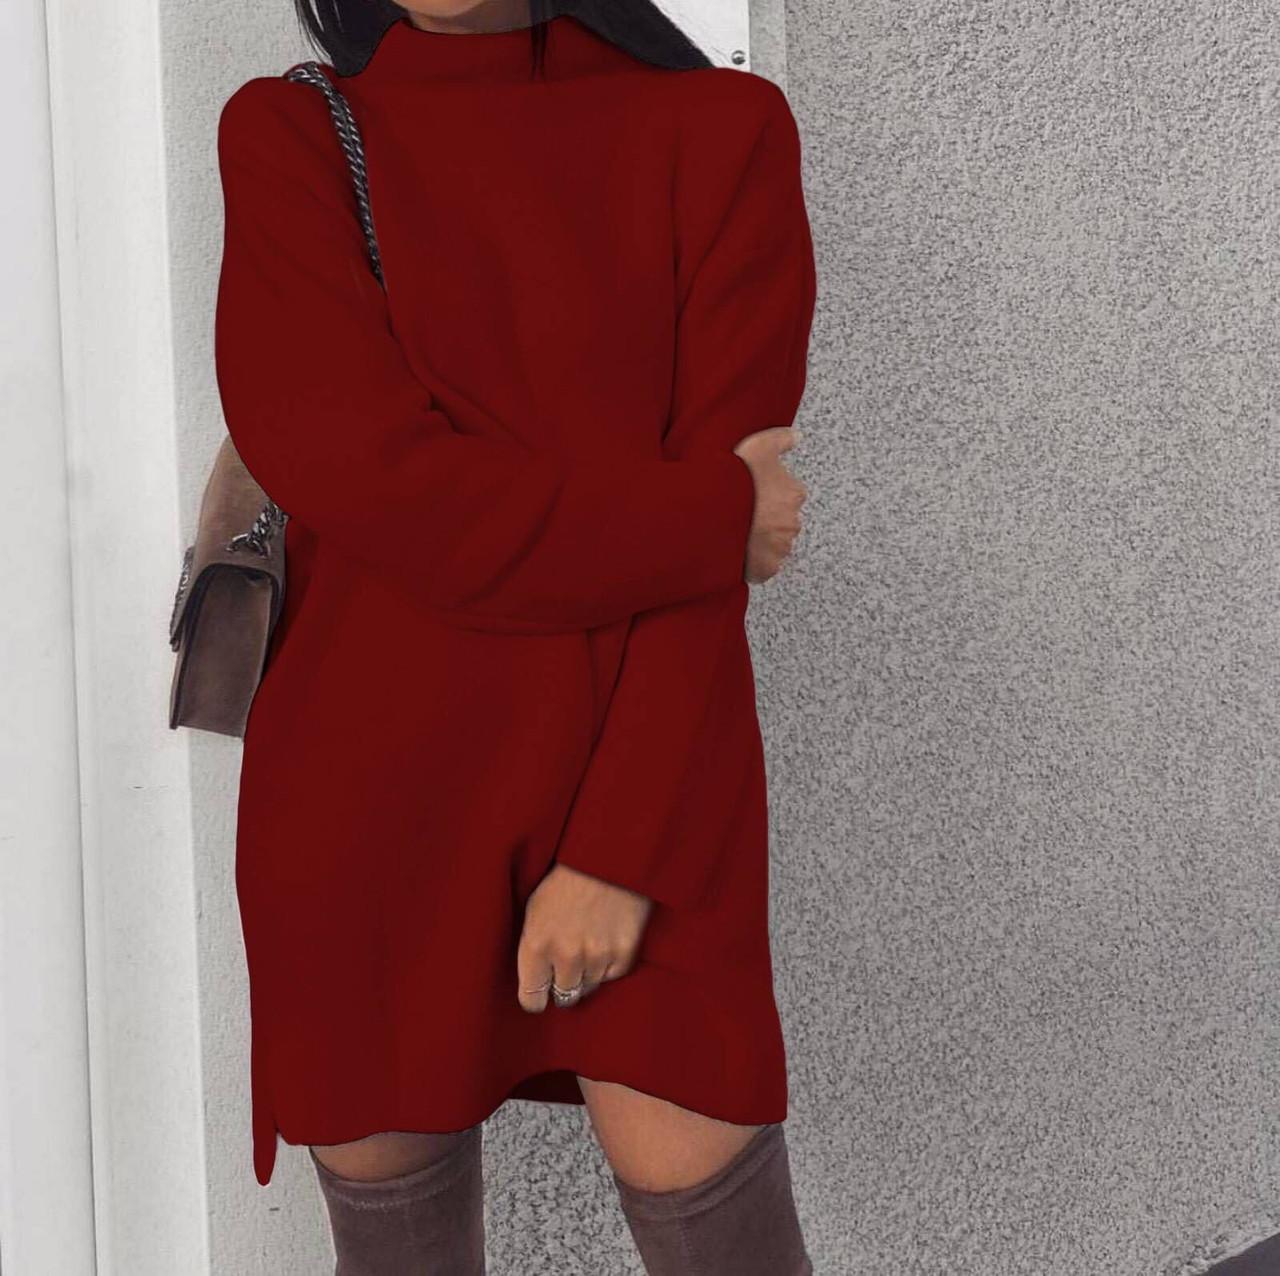 Женское платье свободного кроя Ангора Размер 42 44 46 48 50 52 54 56 В наличии 3 цвета